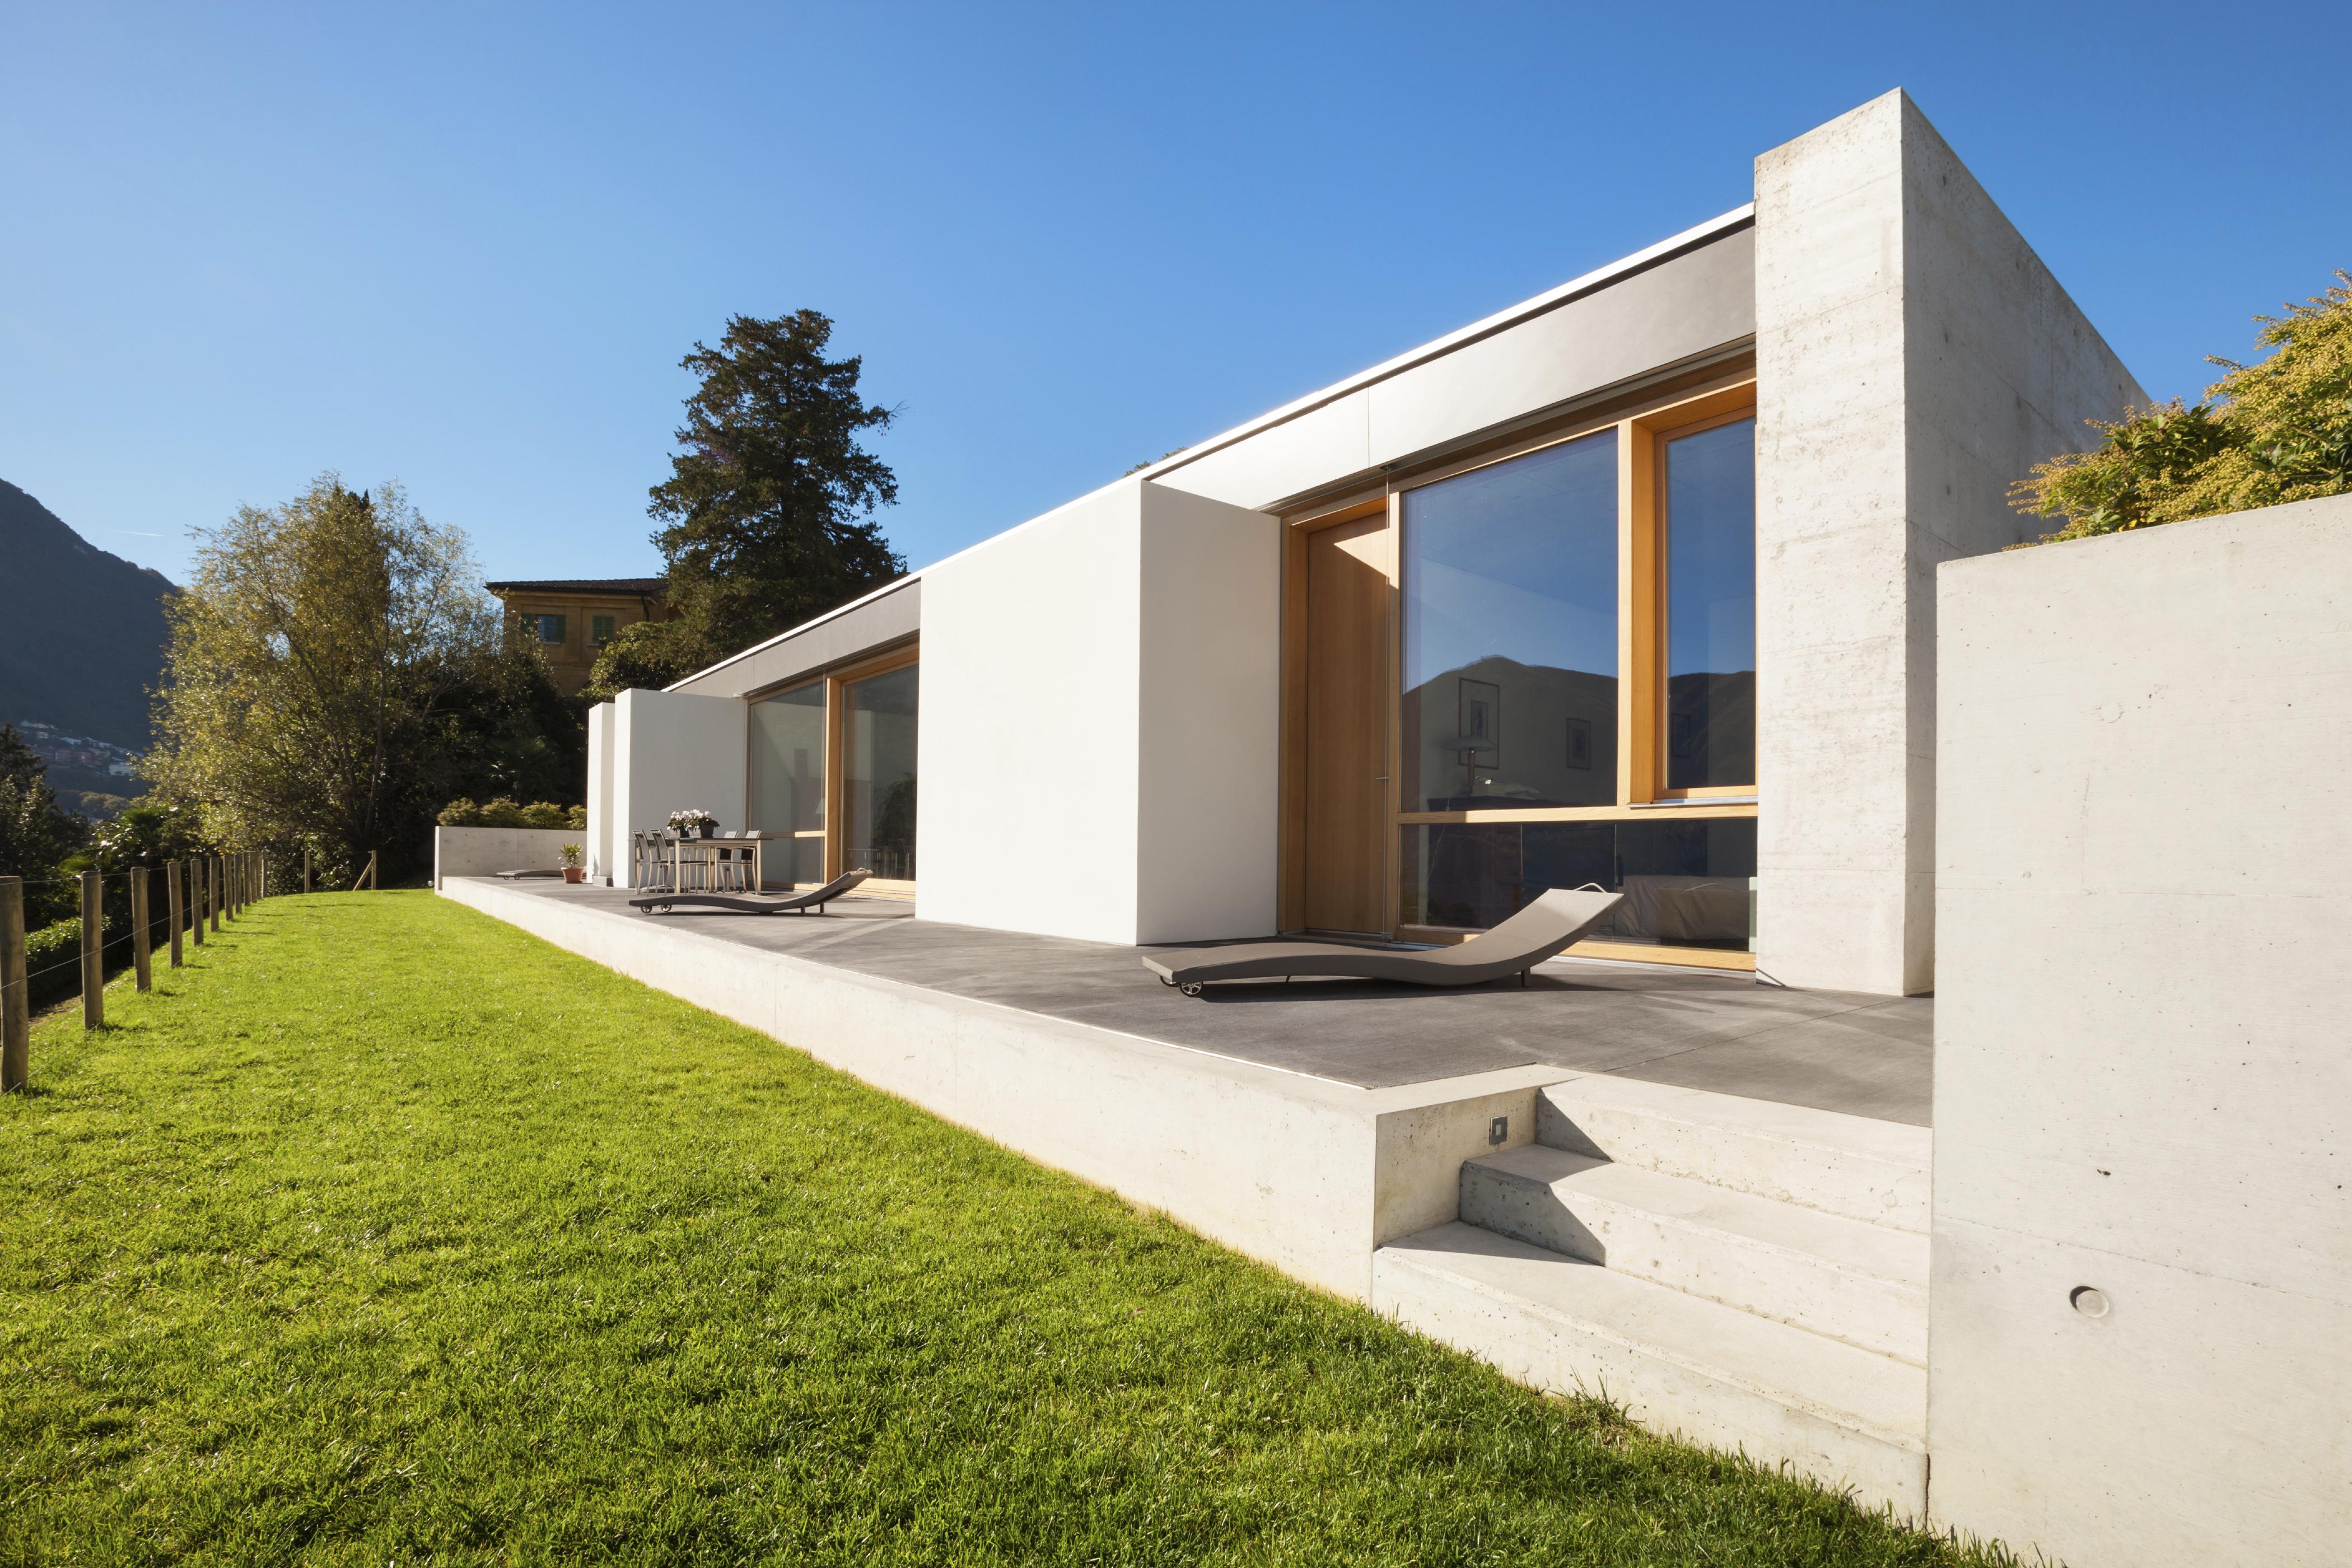 Casas prefabricadas. Diseño